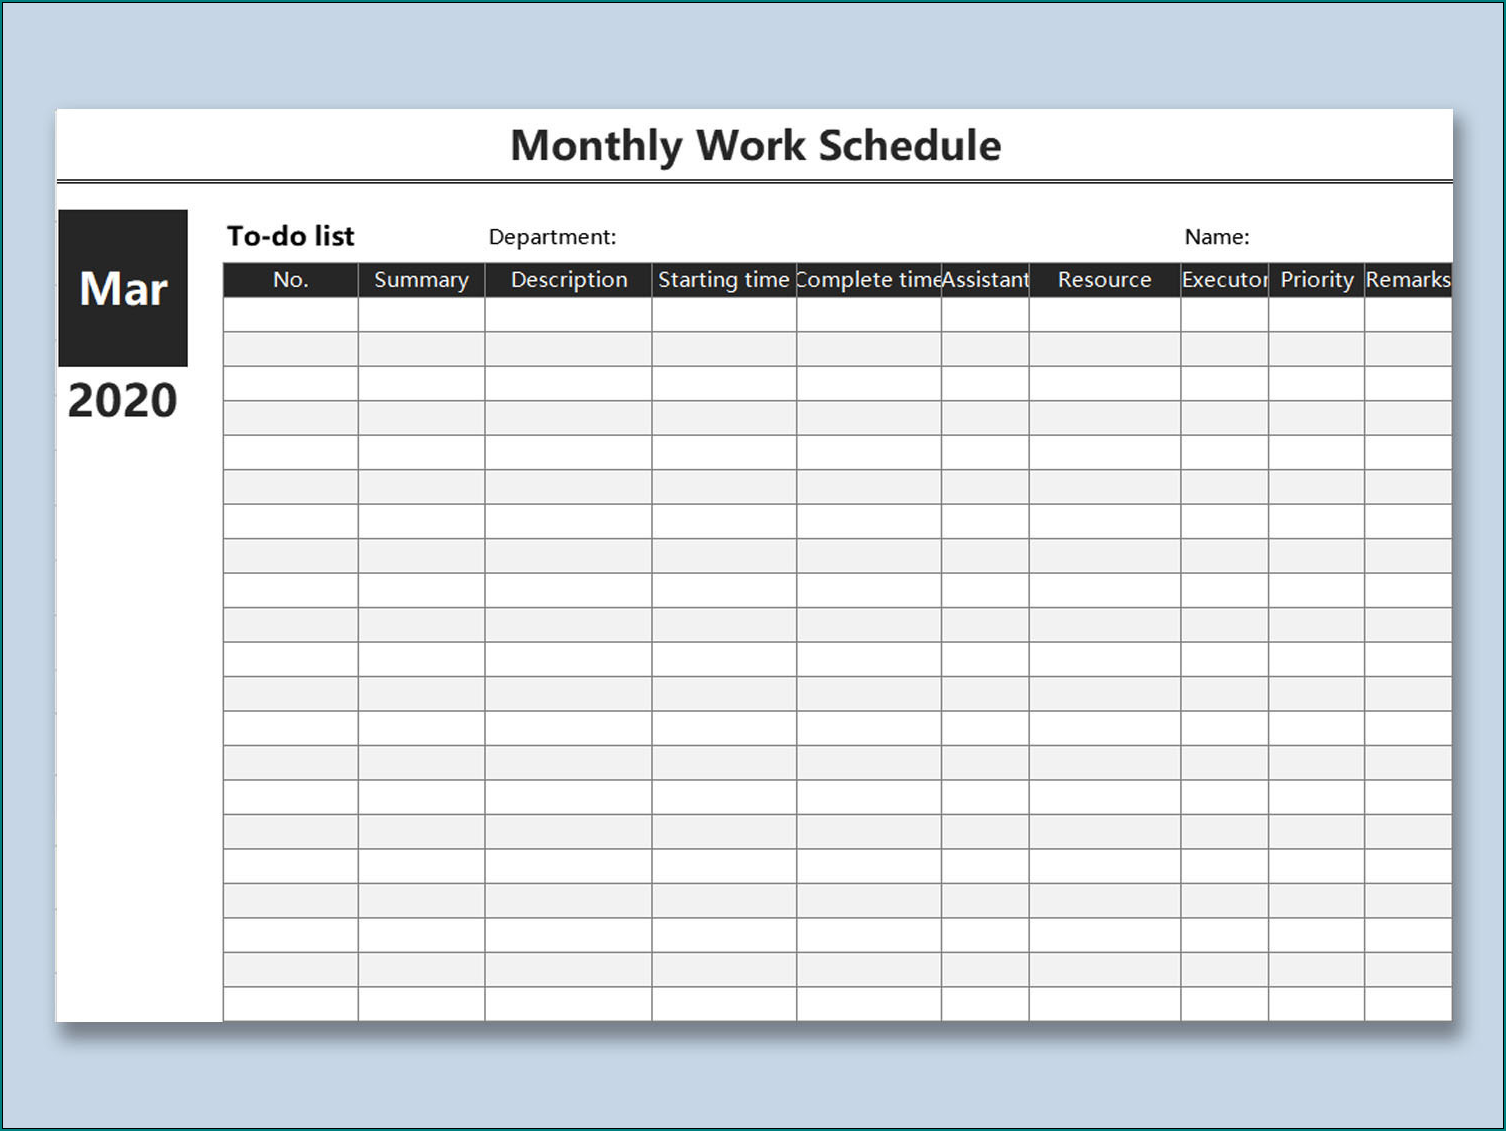 Example of Job Schedule Template